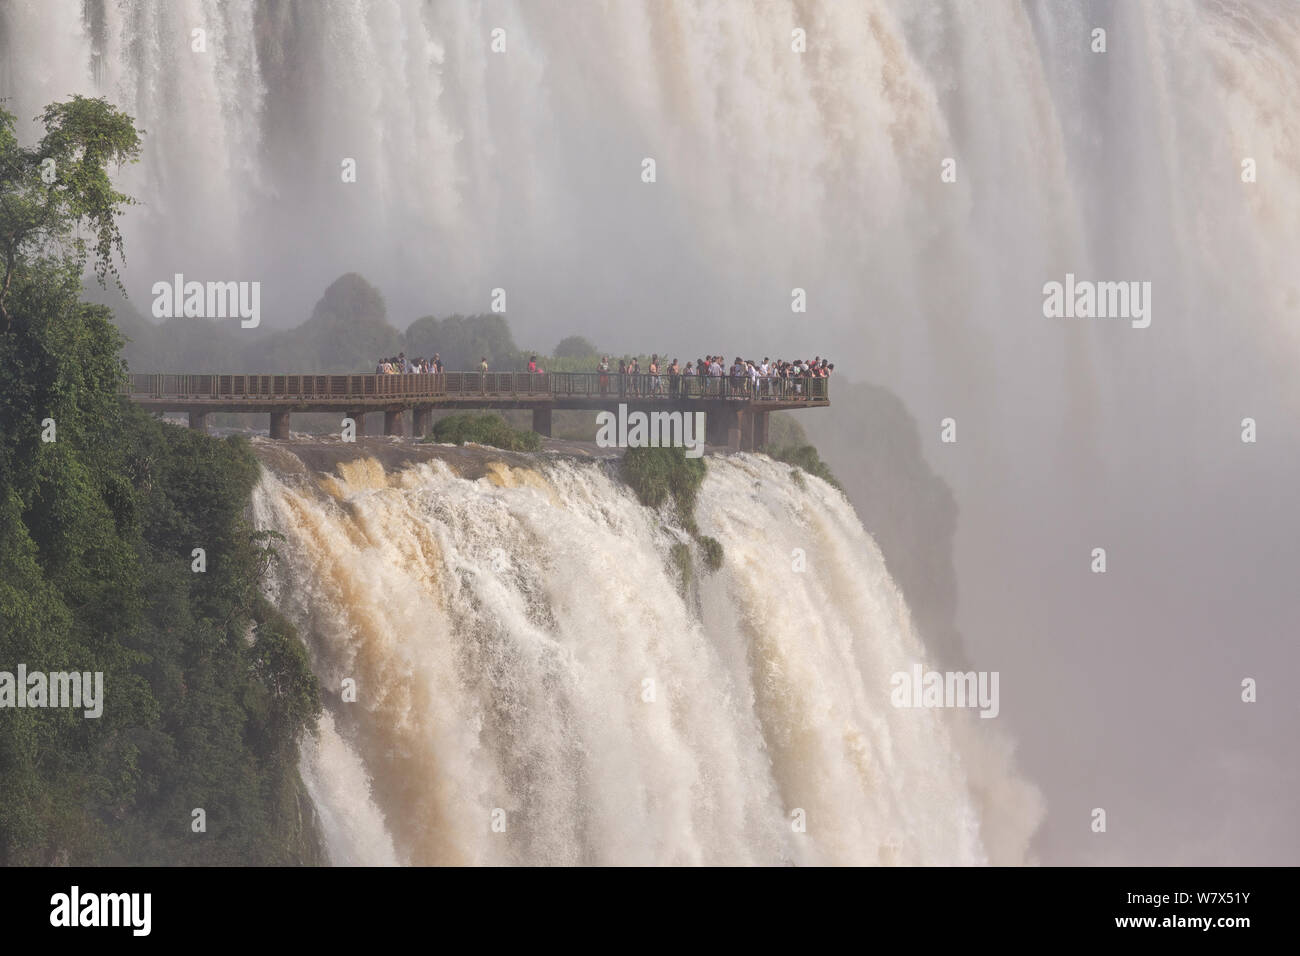 Iguazu Wasserfälle und Touristen auf der Aussichtsplattform, die Iguazu Wasserfälle, Iguazu National Park, Brasilien, Januar 2014. Stockfoto